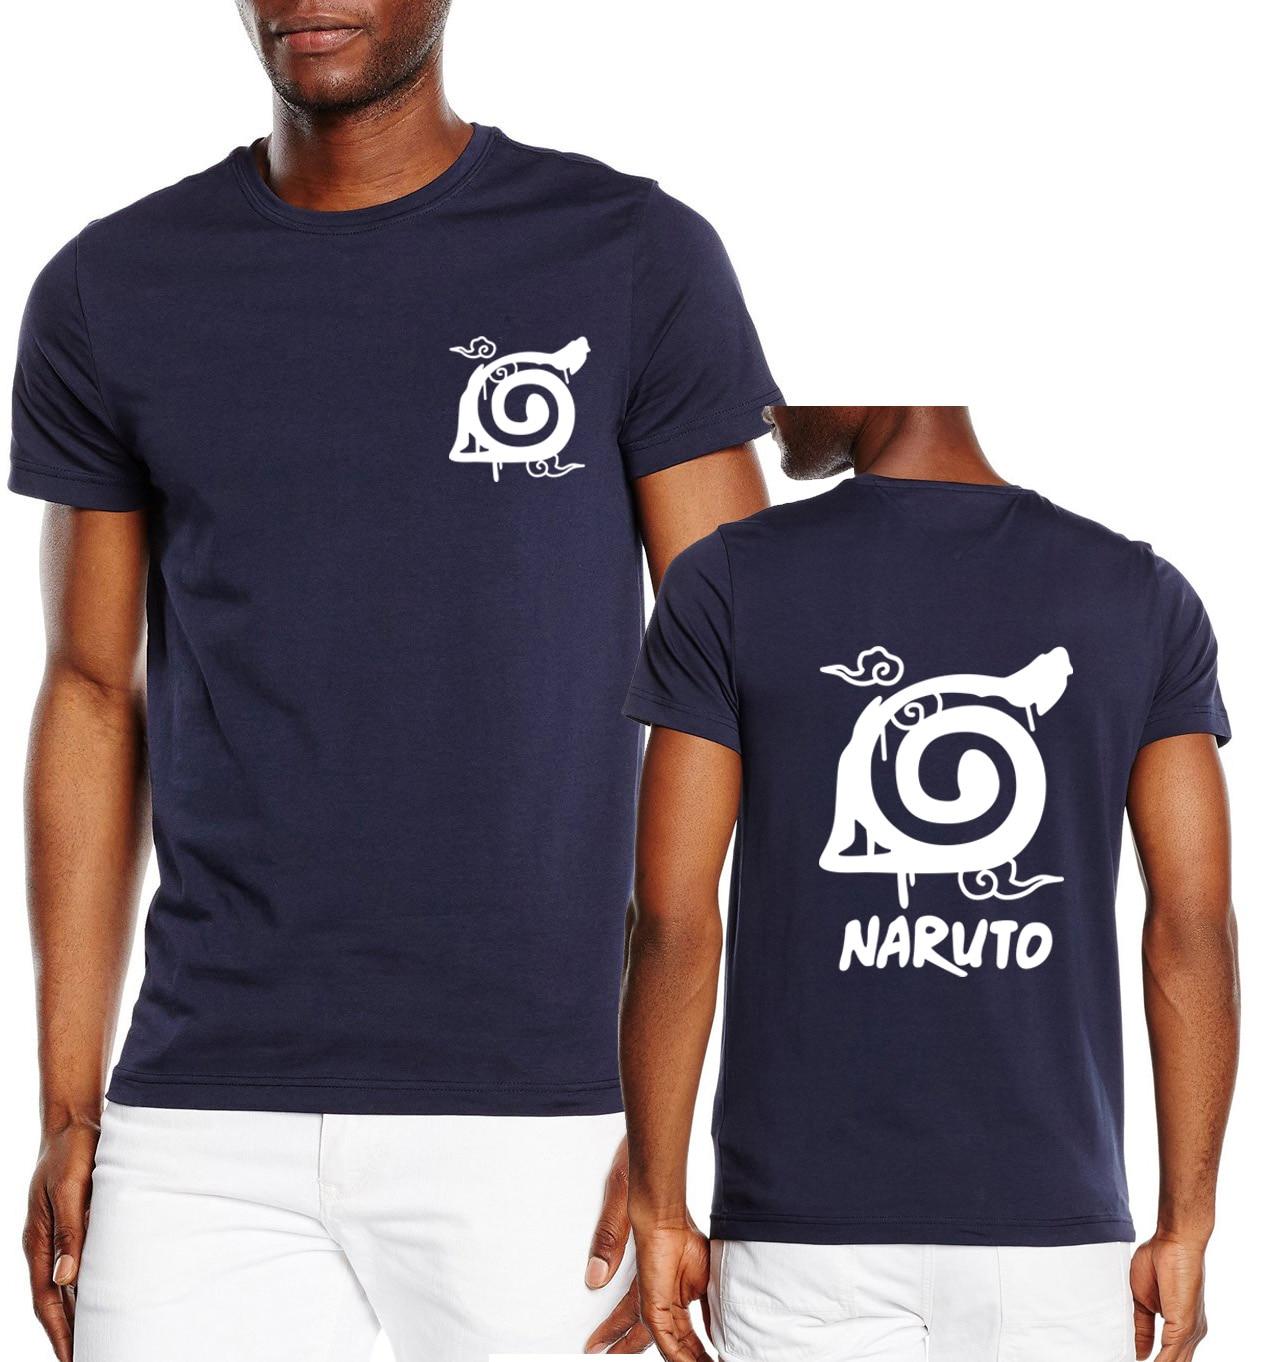 NARUTO Konaha/Kyubi Seal logo Printed Short Sleeve T Shirts (19 colors)